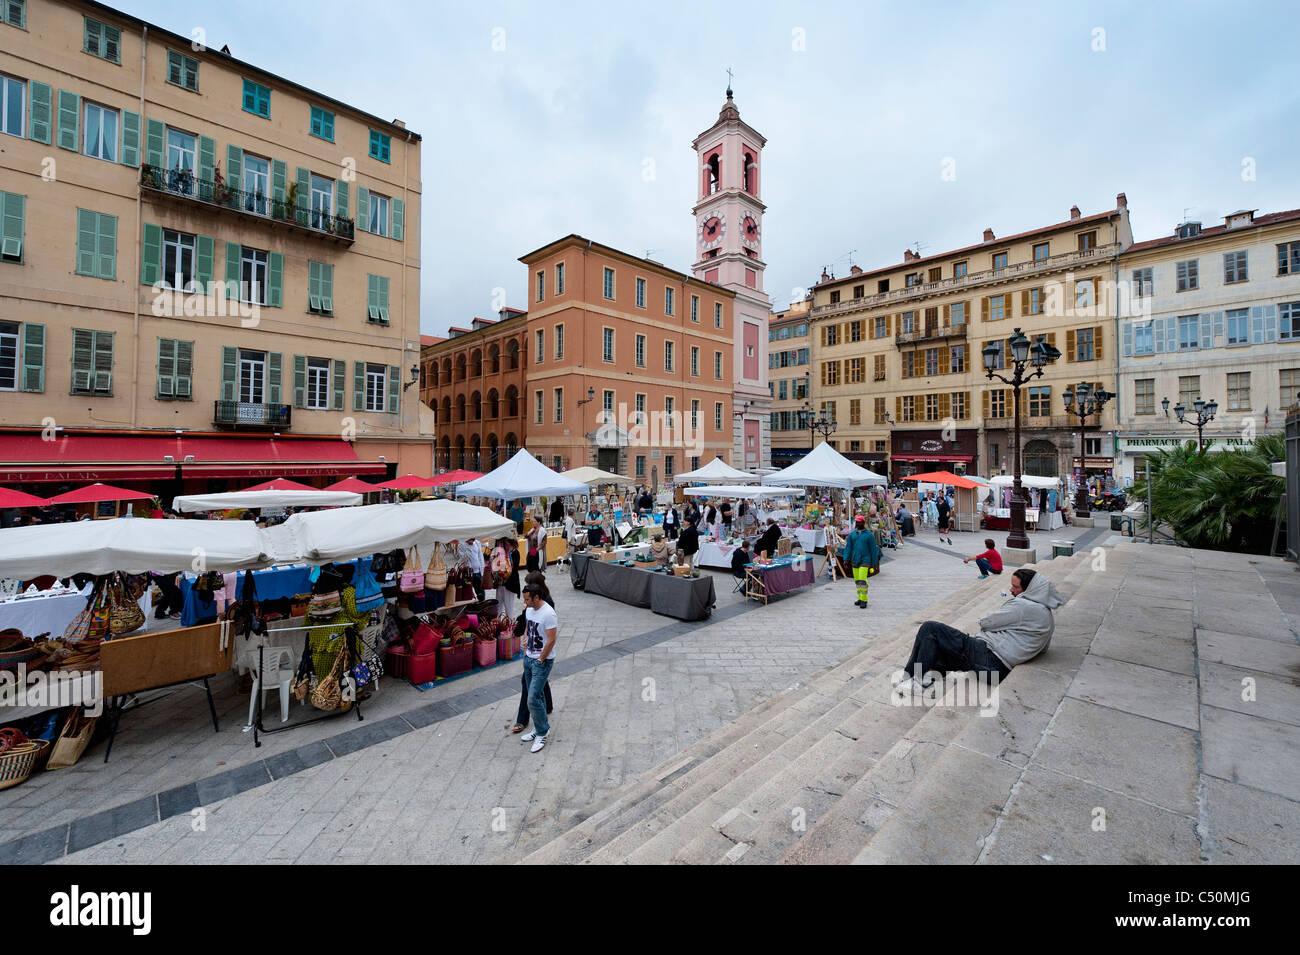 Market in Place du Palais-de-Justice, Nice, France - Stock Image